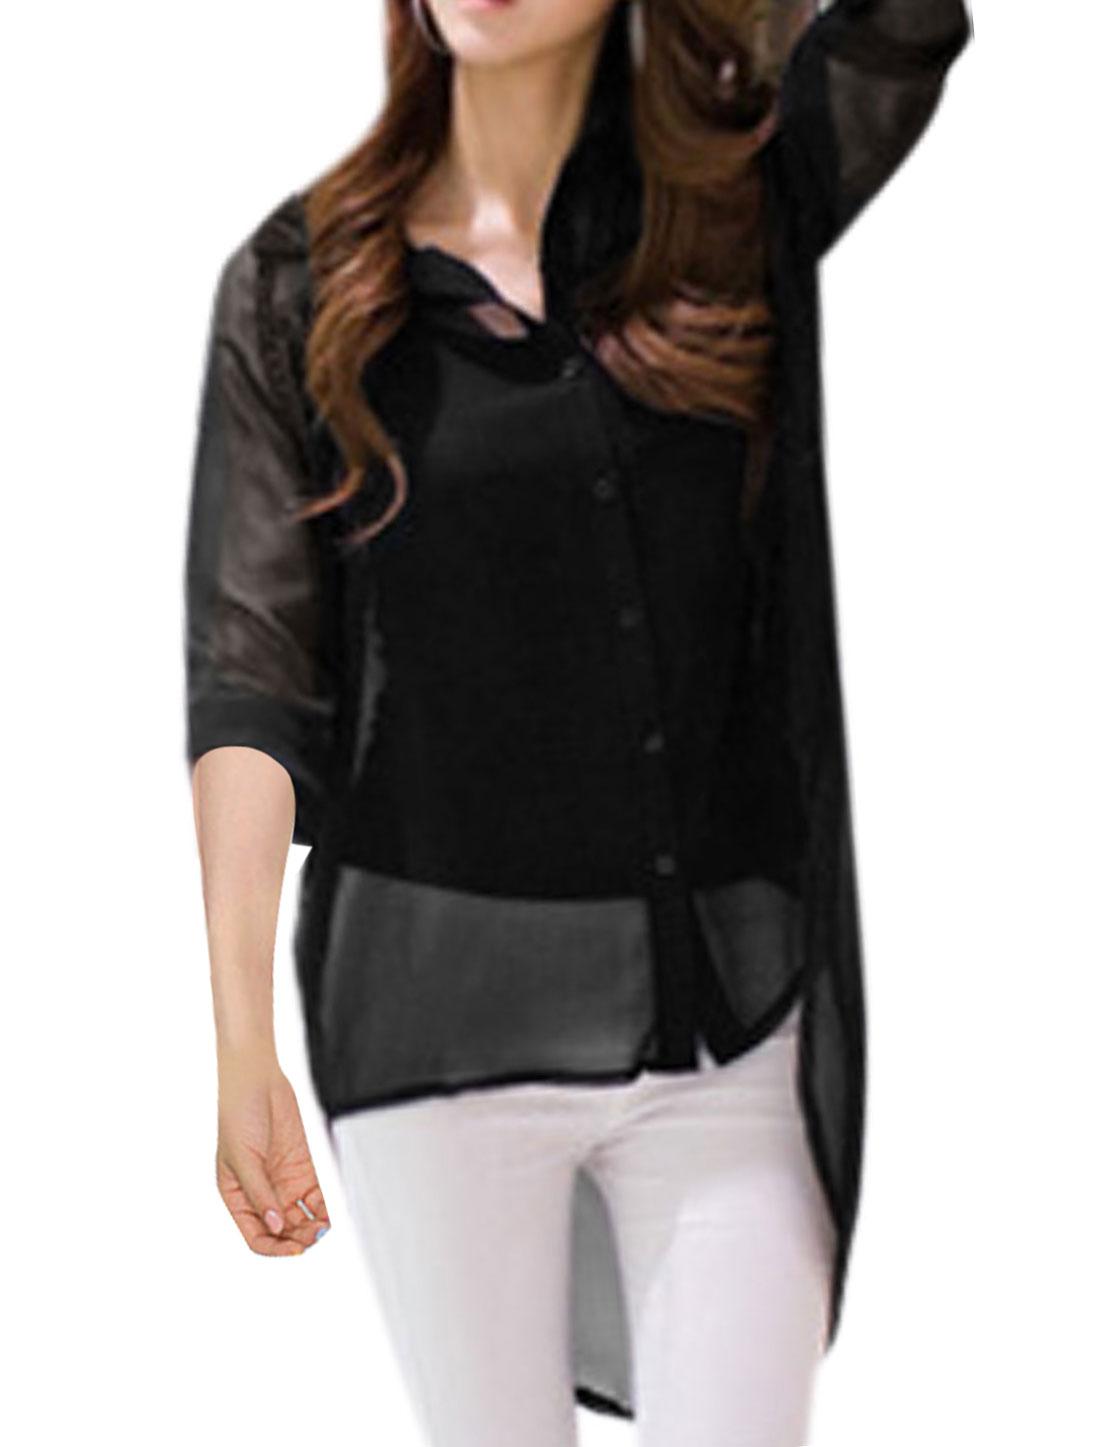 Lady Point Collar Cutout Back Semi Sheer Chiffon Blouse Black XS